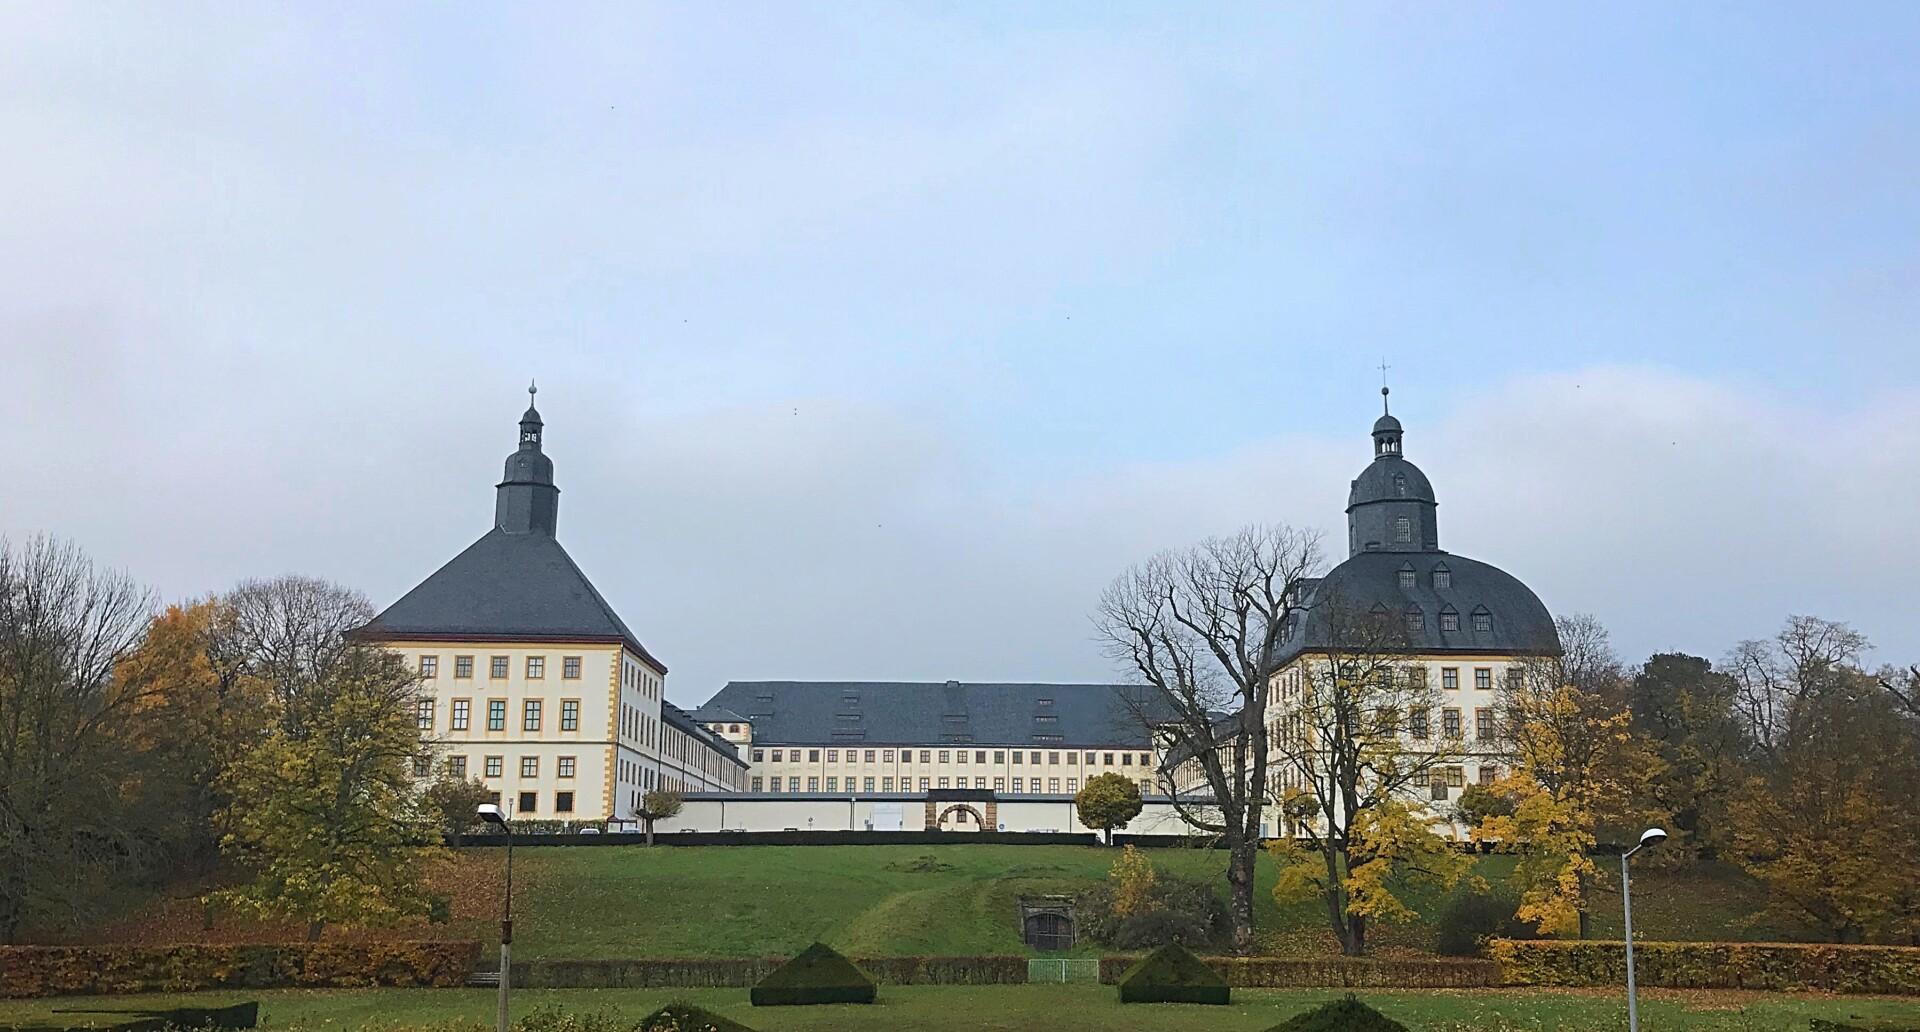 Er du til romantik, så besøg barokslottet Schloss Friedenstein i byen Gotha